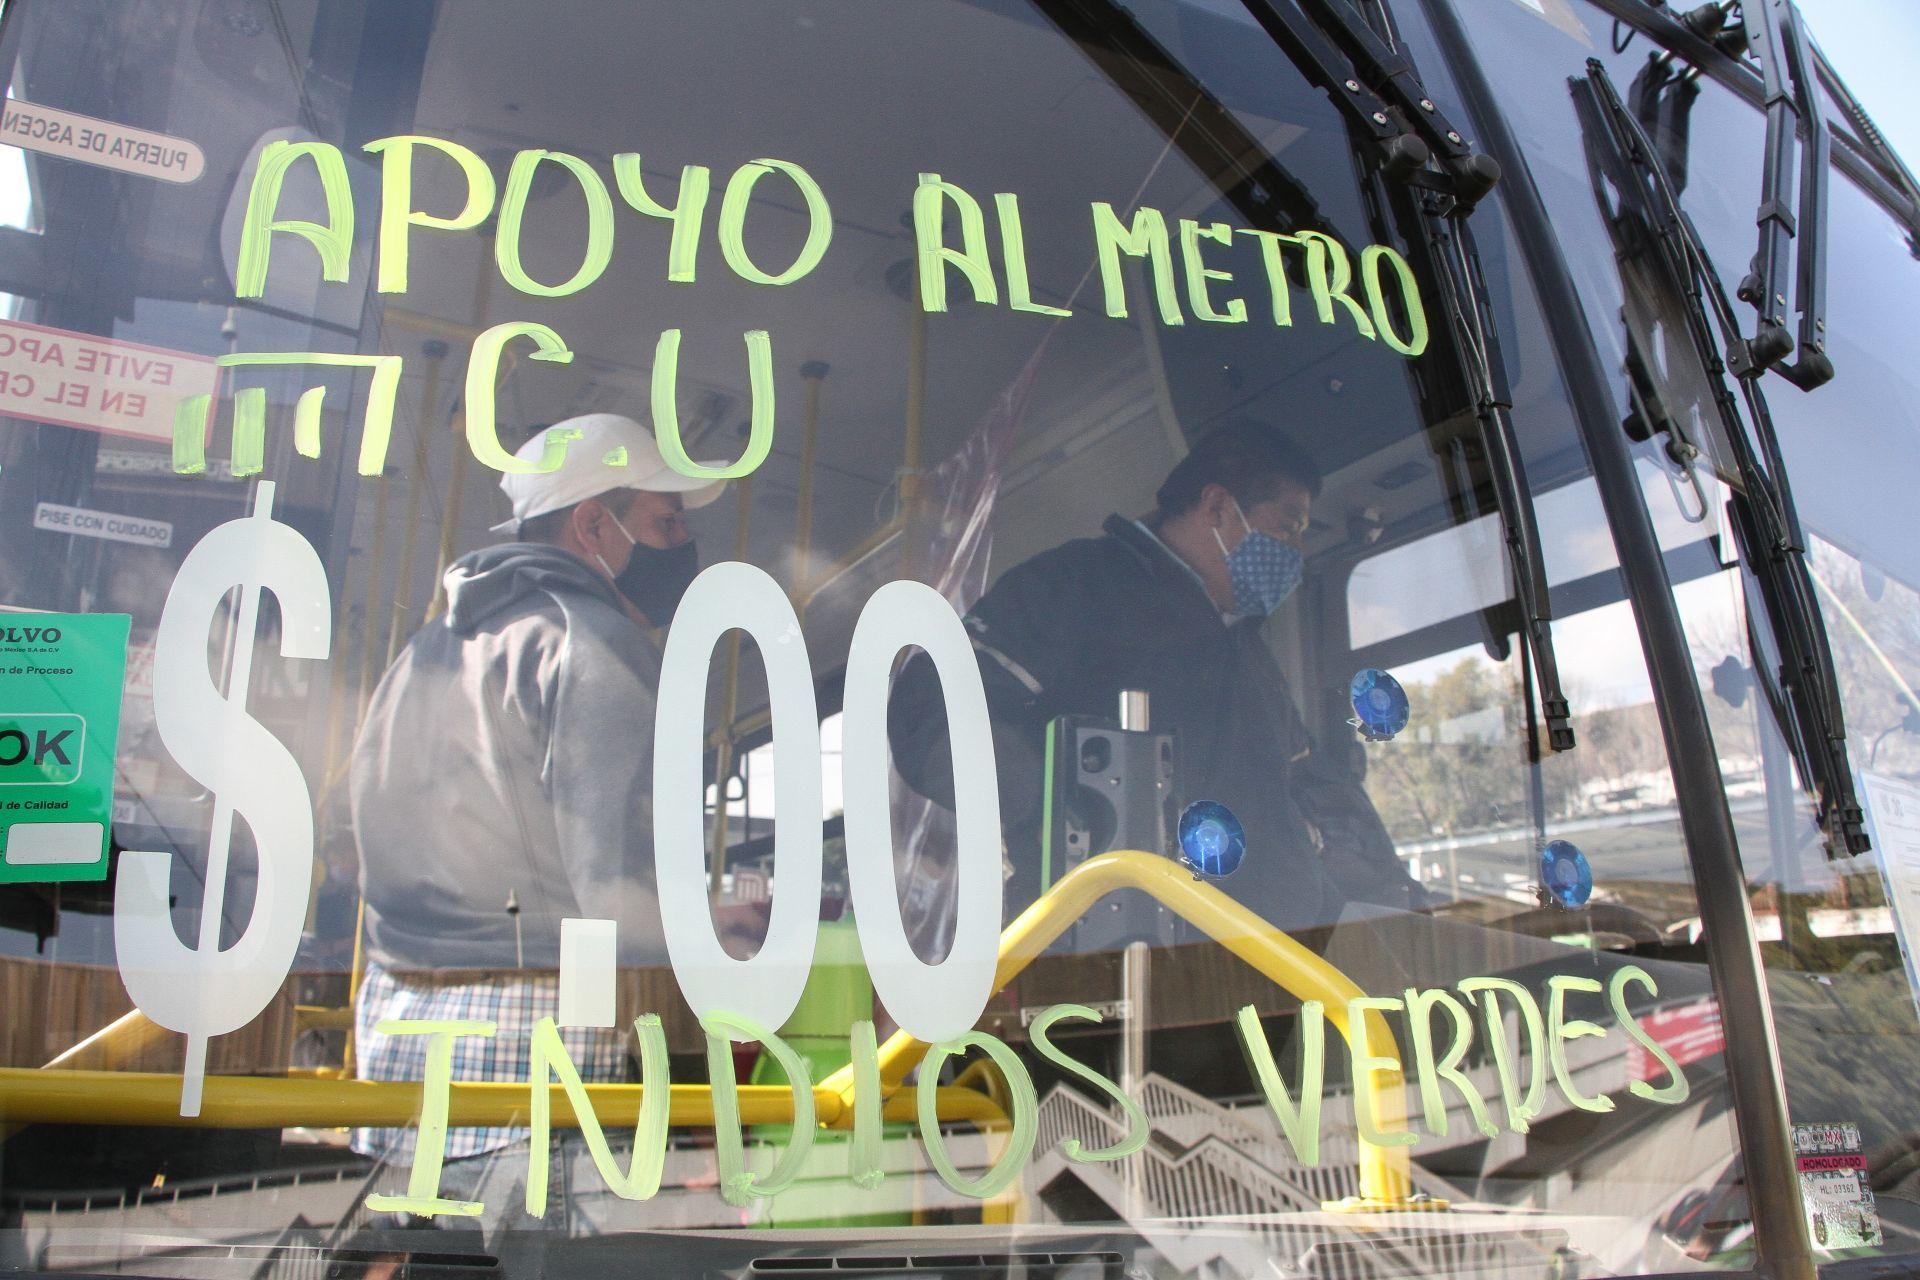 Líneas 4, 5 y 6 del Metro podrían reanudar servicio el martes 12 de enero; 1, 2 y 3 siguen sin fecha